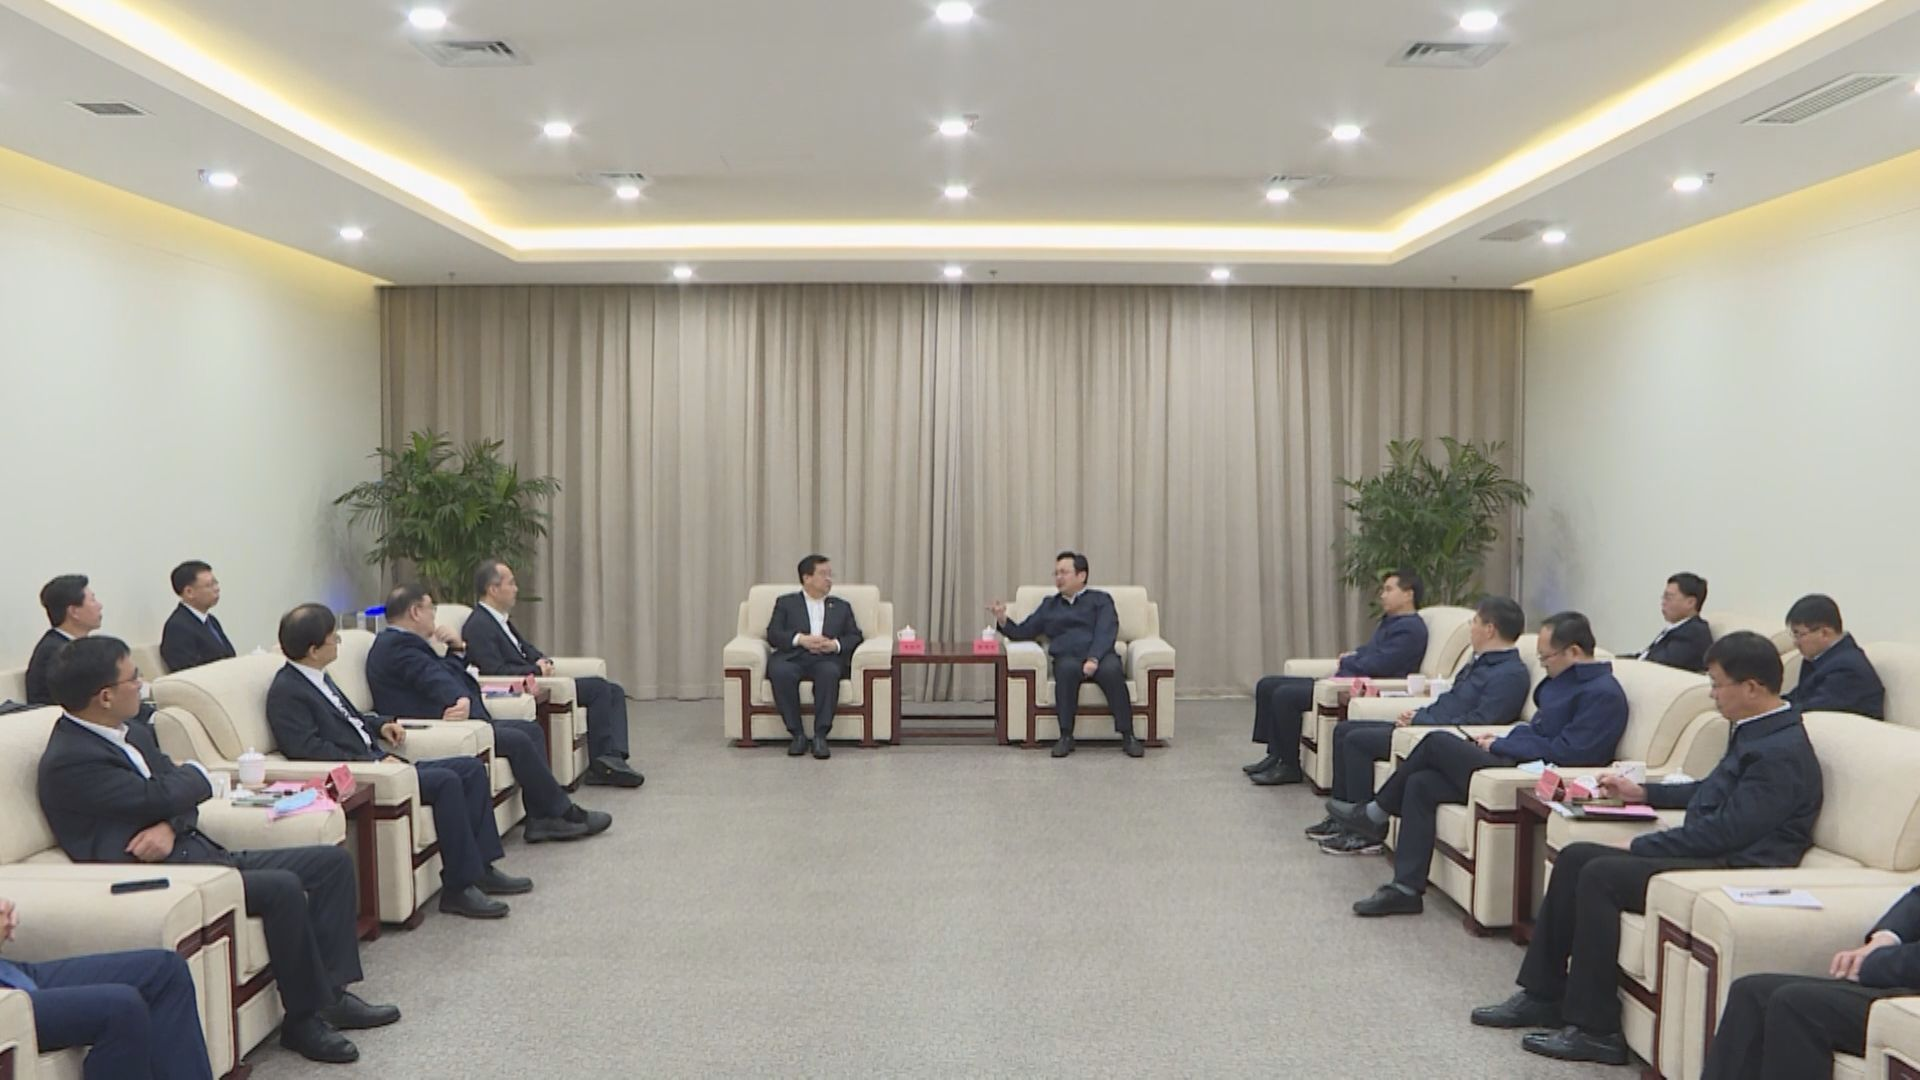 张国华调研中国电信智慧城市产业园项目并与中国电信总经理李正茂一行举行座谈